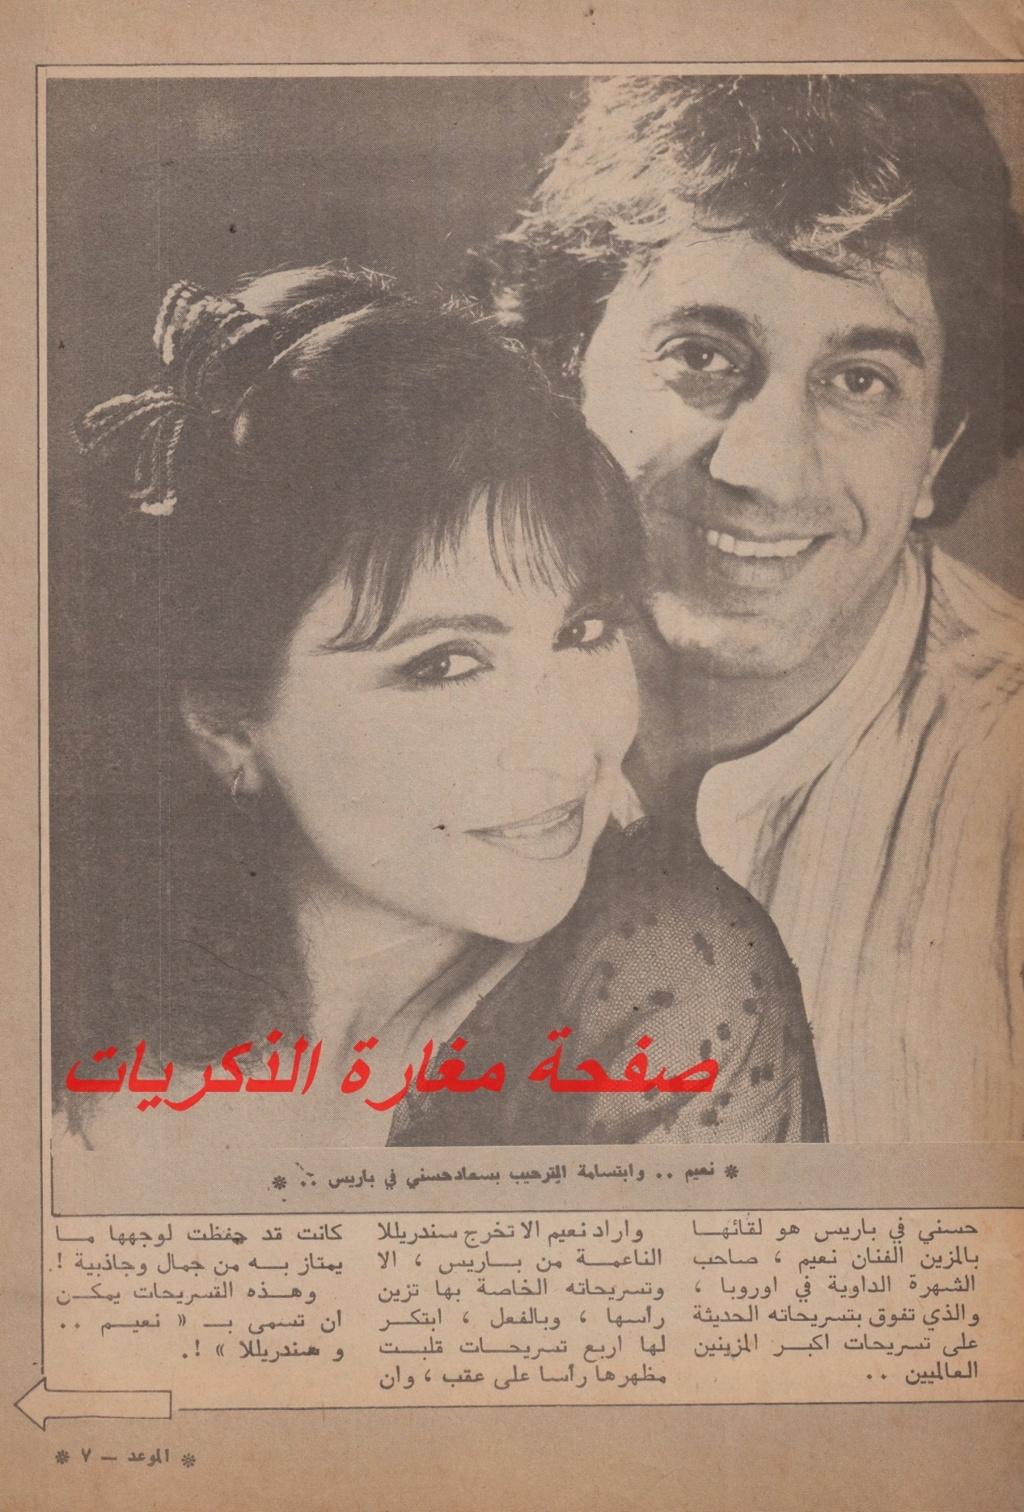 """خبر صحفي : تسريحات """"نعيم"""" الباريسية تزين رأس سعاد حسني 1981 م 3173"""